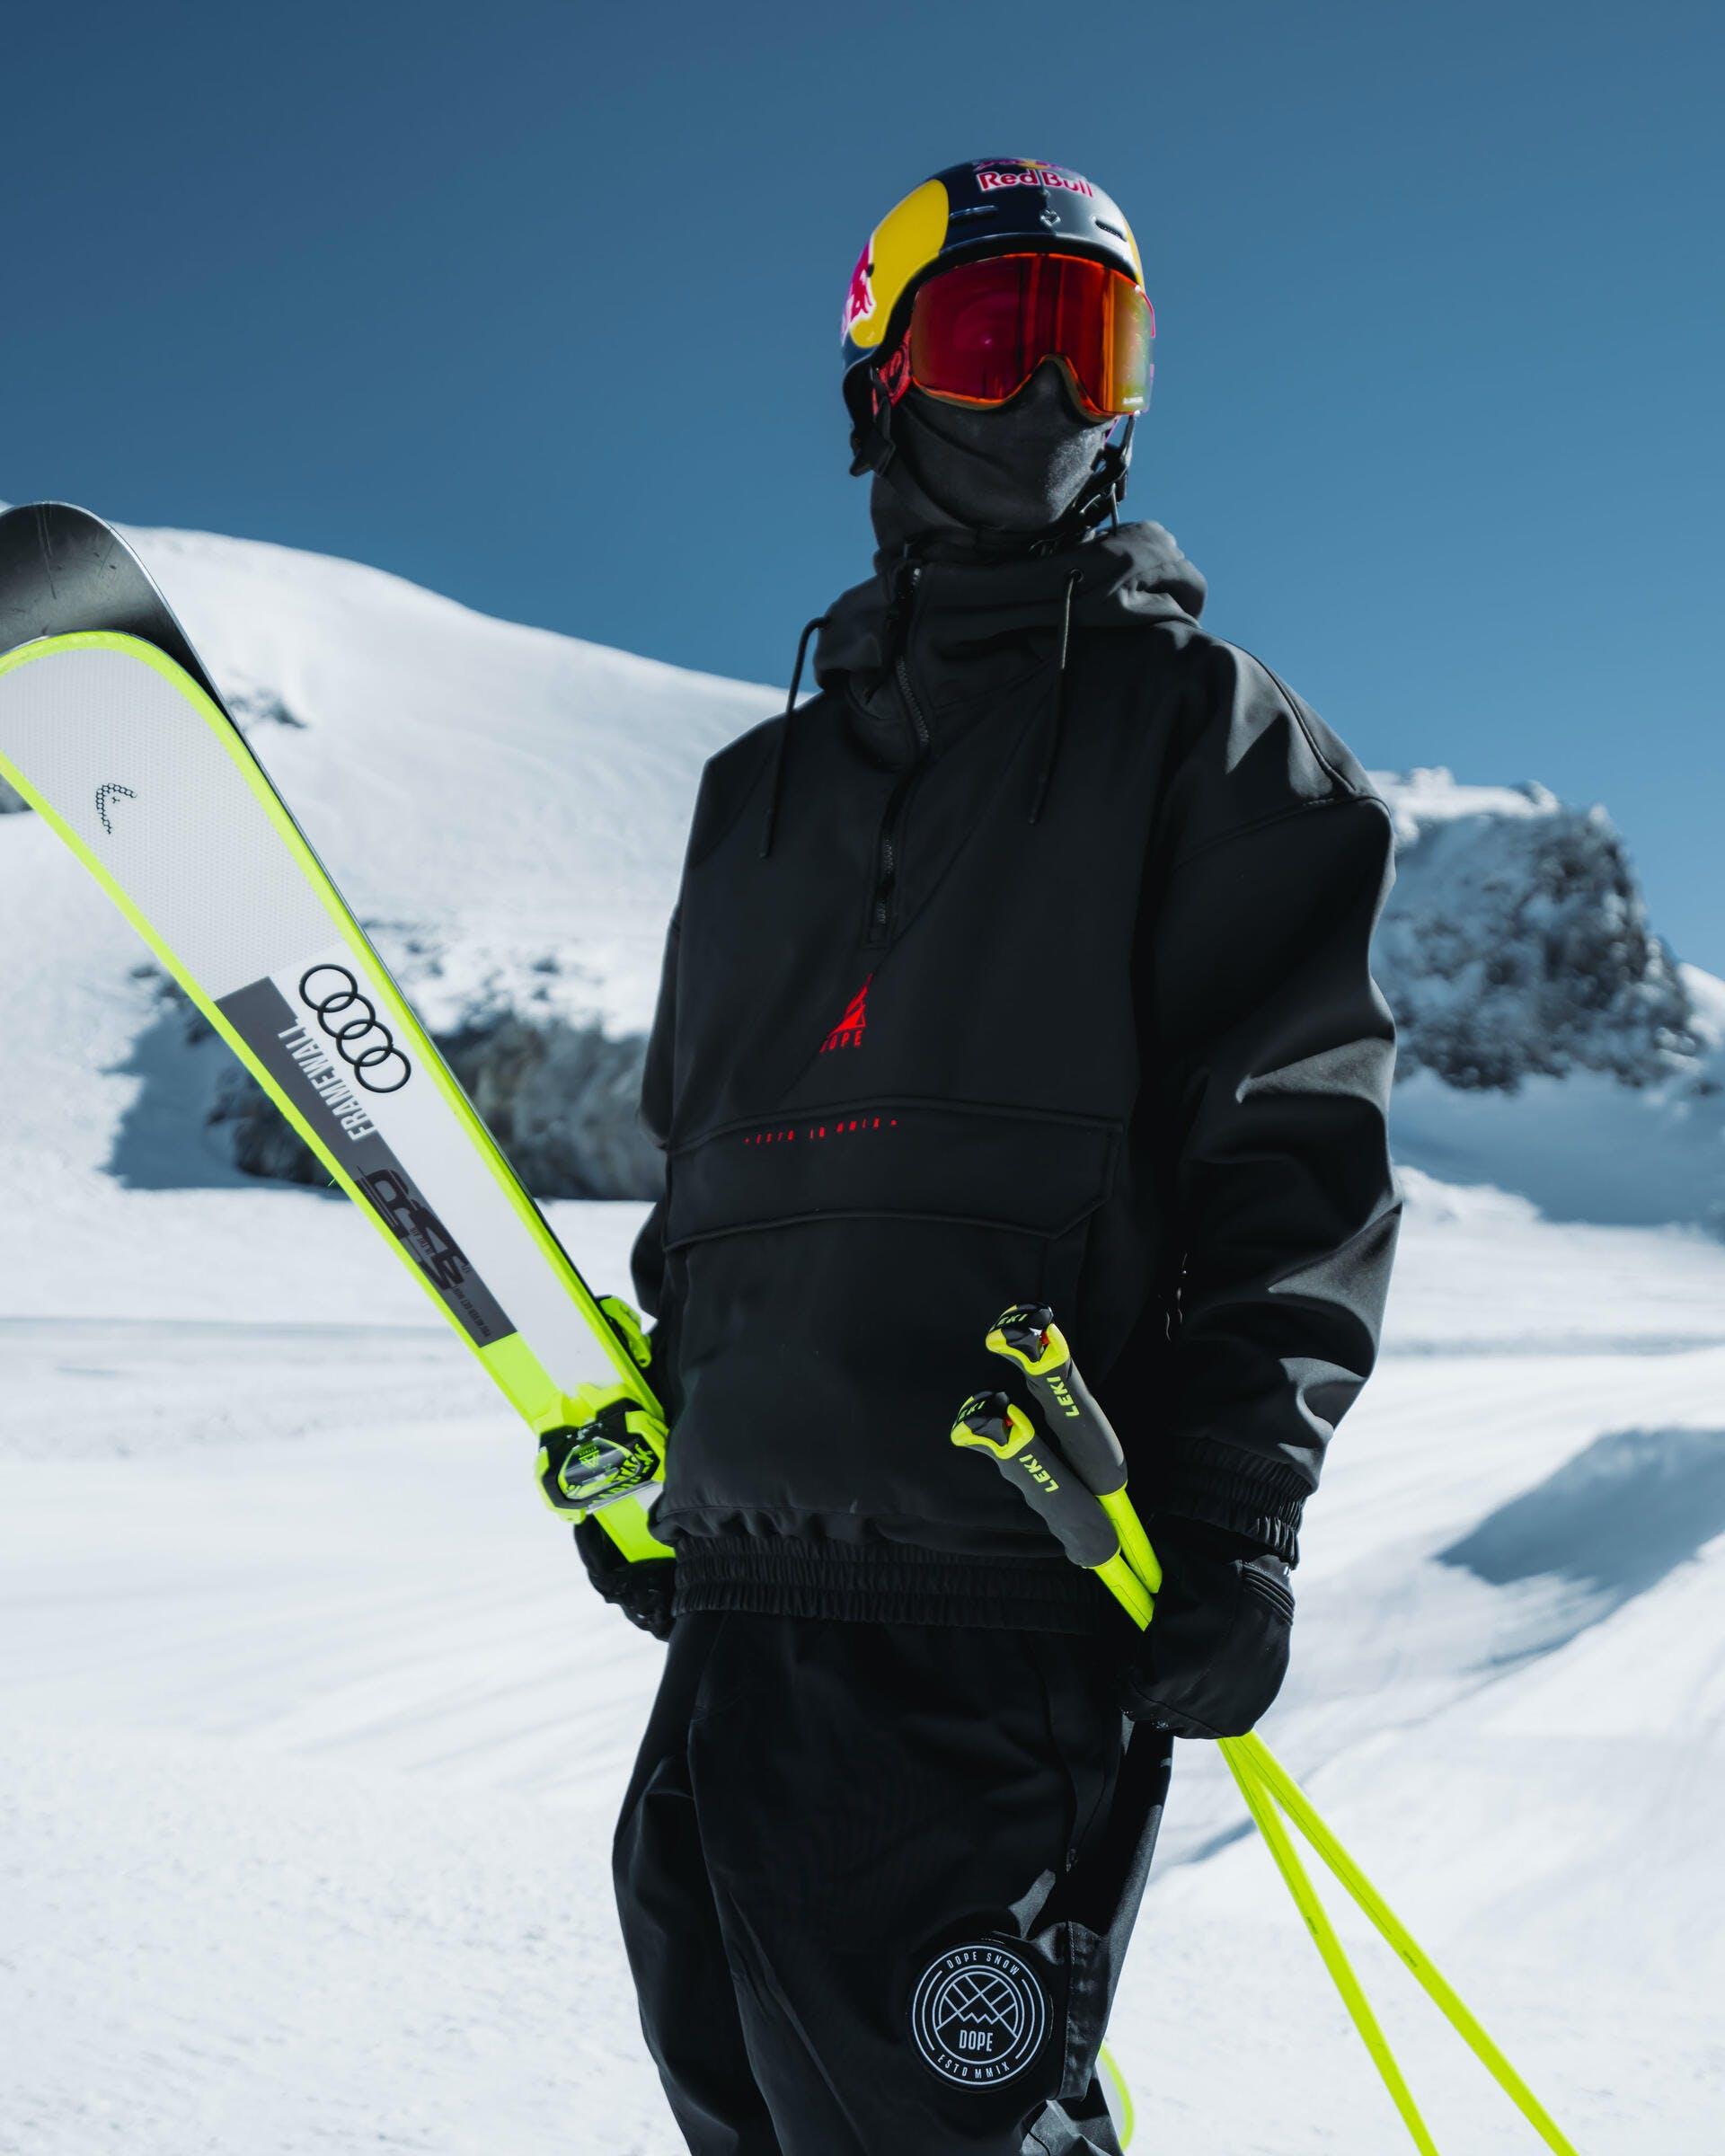 types of ski jackets